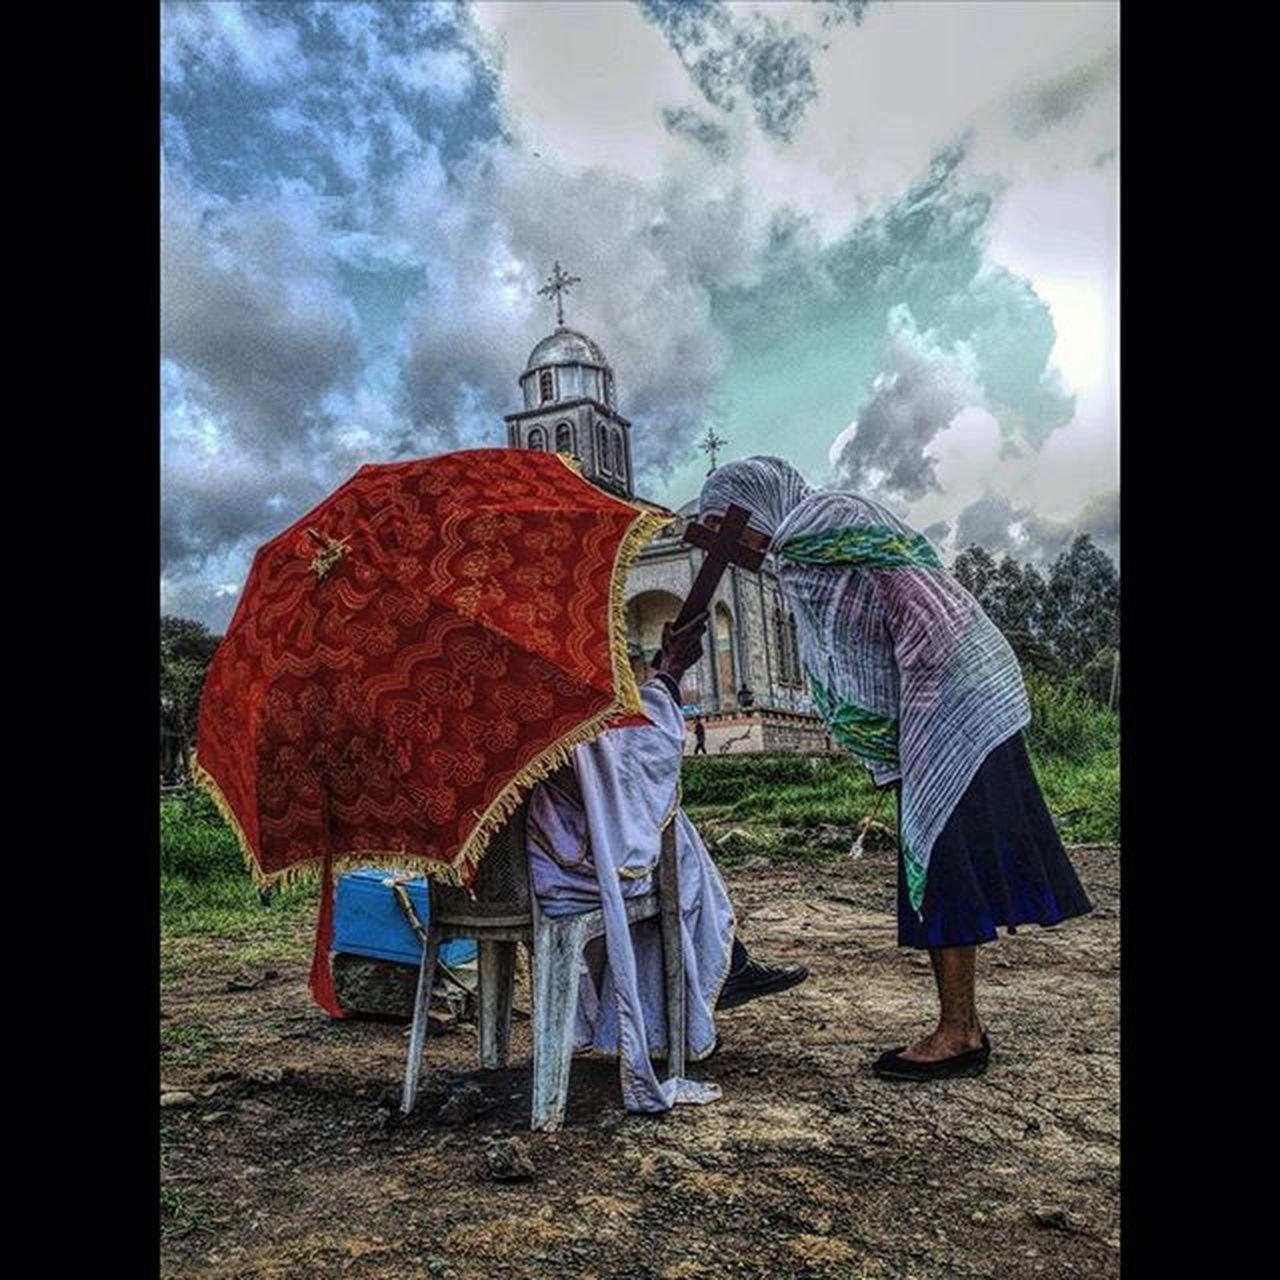 AddisPicOfTheDay TsomeFilseta Filseta EgziabeherAb Church Megenagna Addis  Addisababa Ethiopia Ethiopian Africa Everydayafrica EthiopianOrthodox EthiopianOrthodoxTewahedoChurch Meskel BirukGerbiPhotography